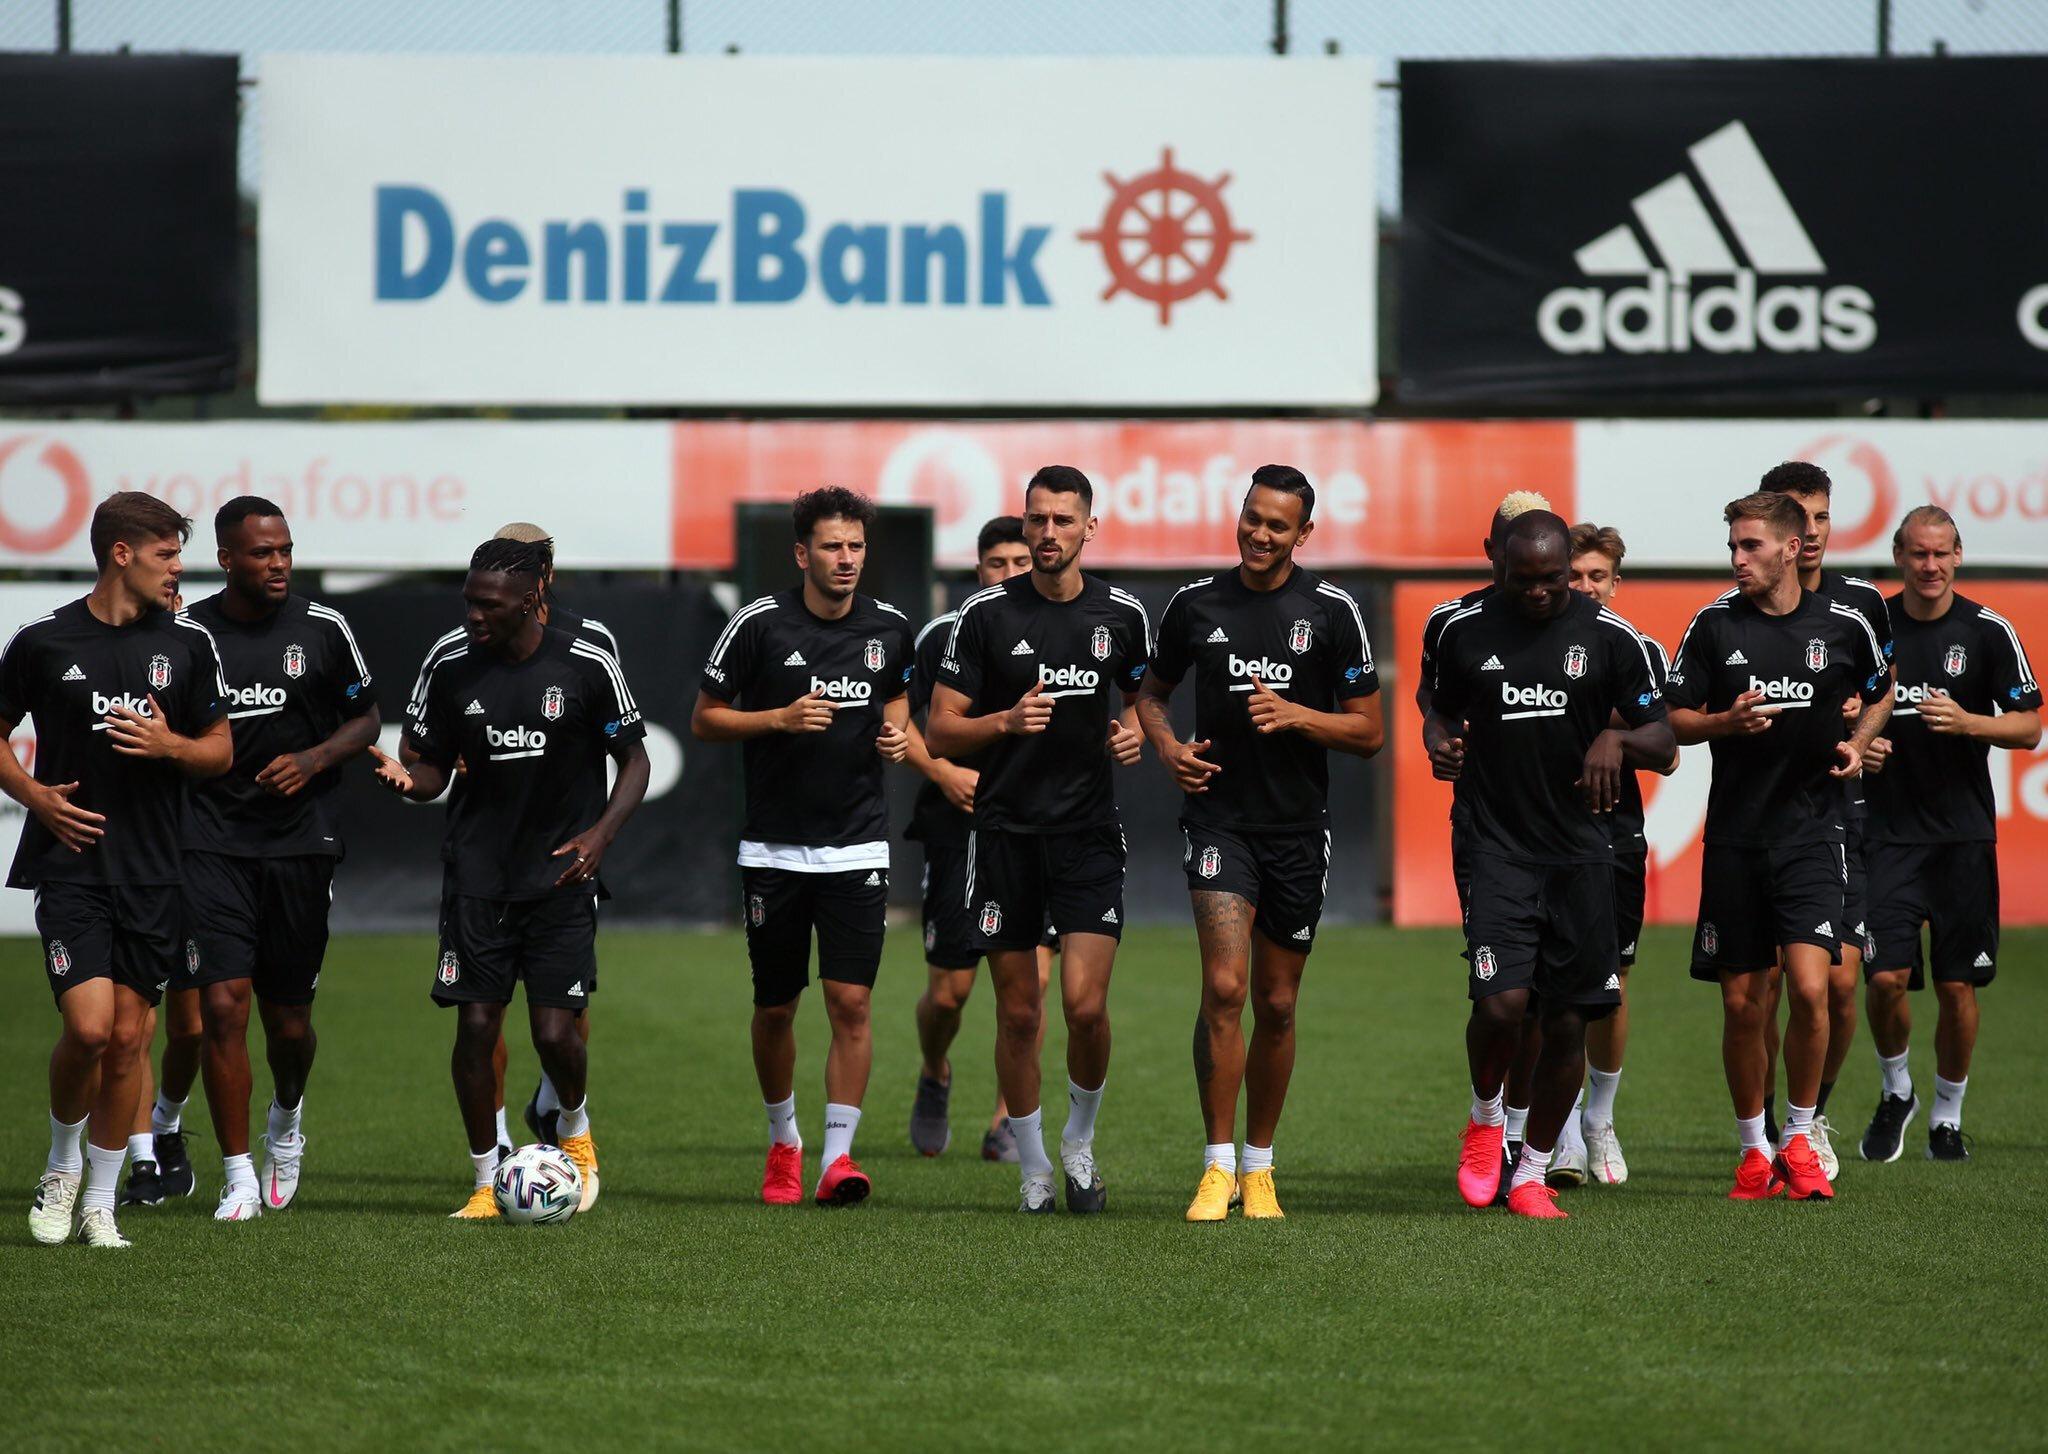 Beşiktaşlı futbolcuların Gençlerbirliği mesaisi